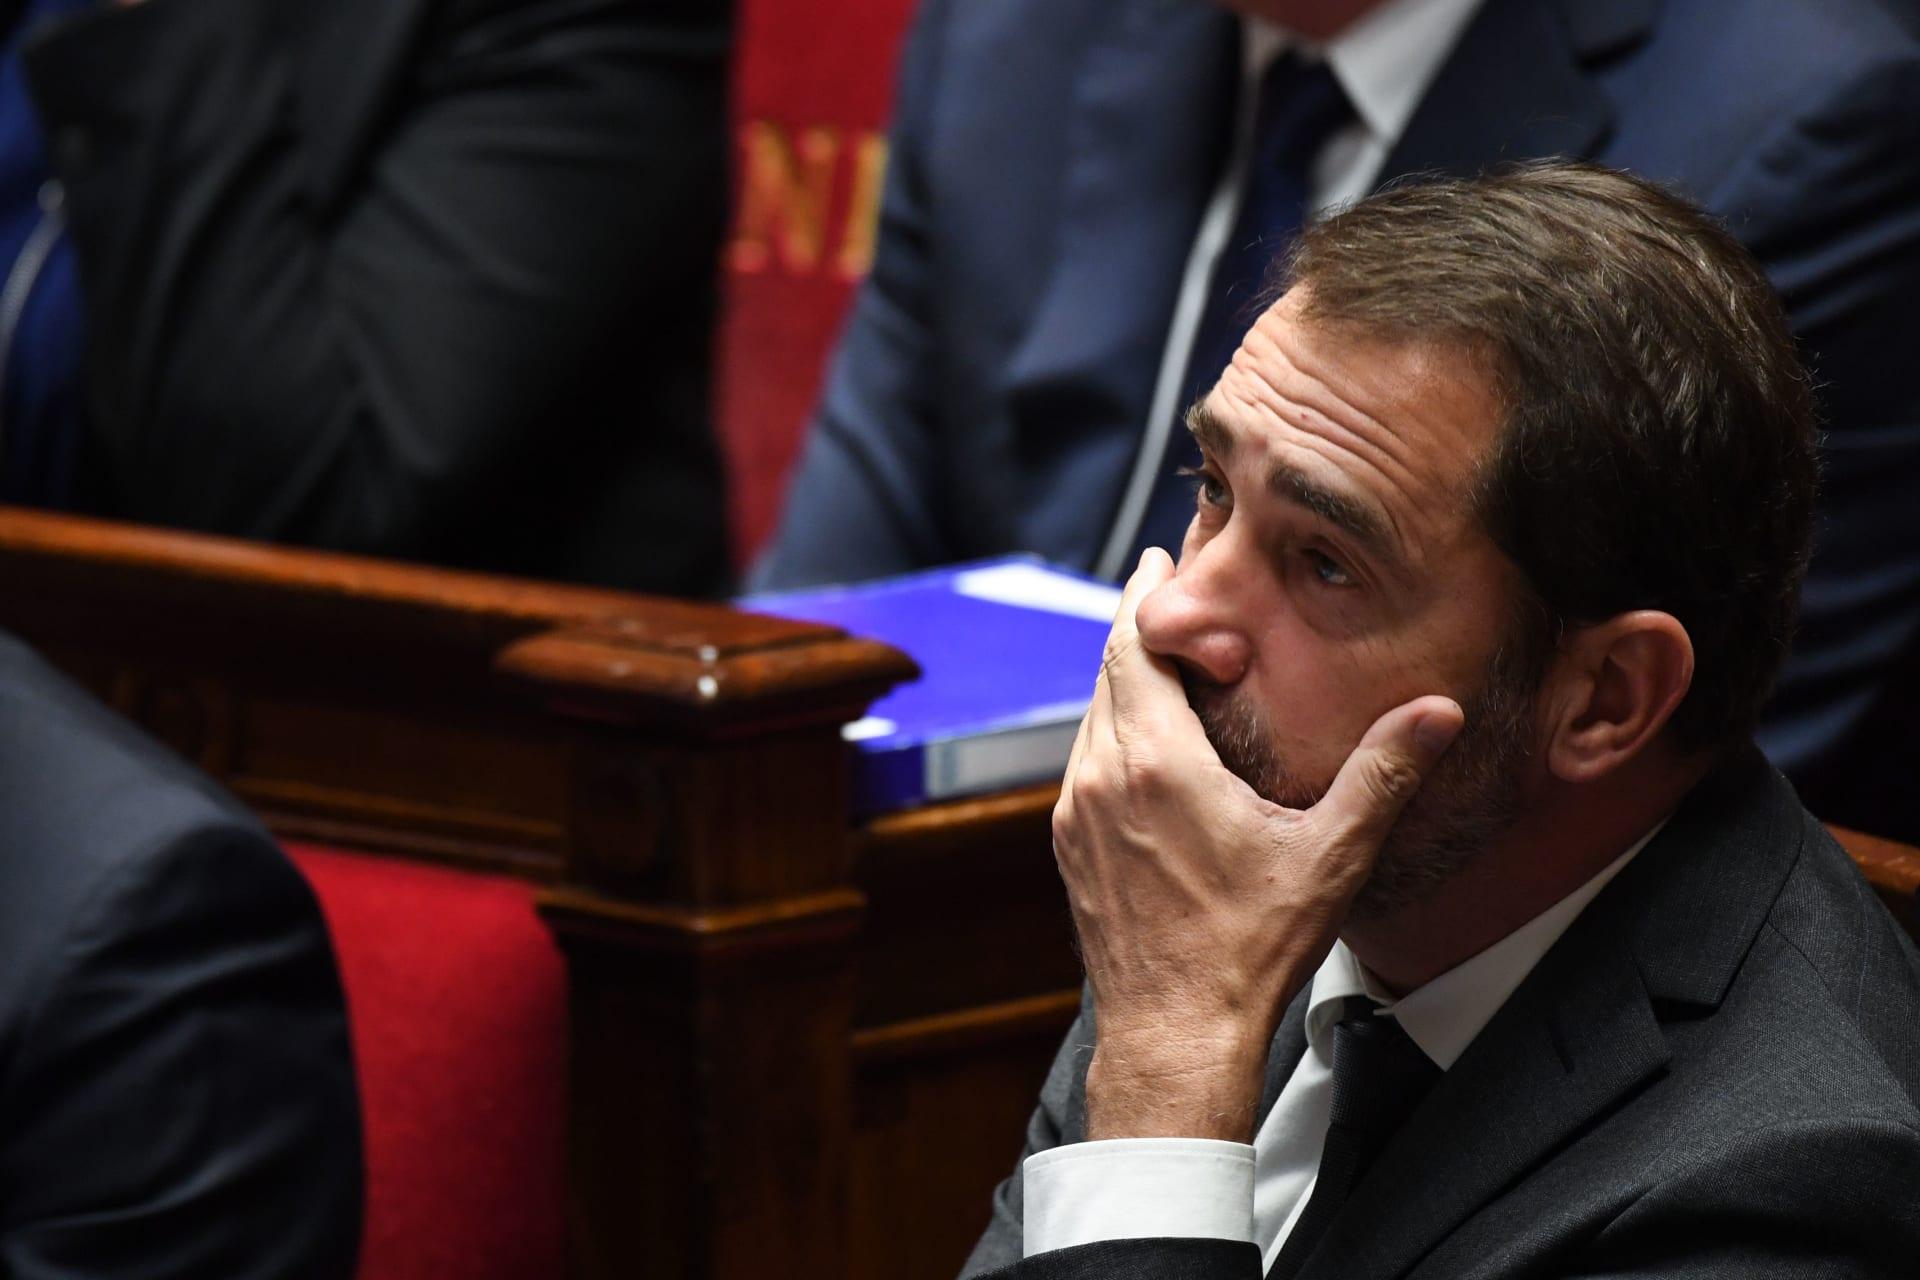 وزير الداخلية الفرنسي يتابع حادثة ستراسبورغ ويطالب بتجنب نشر الشائعات